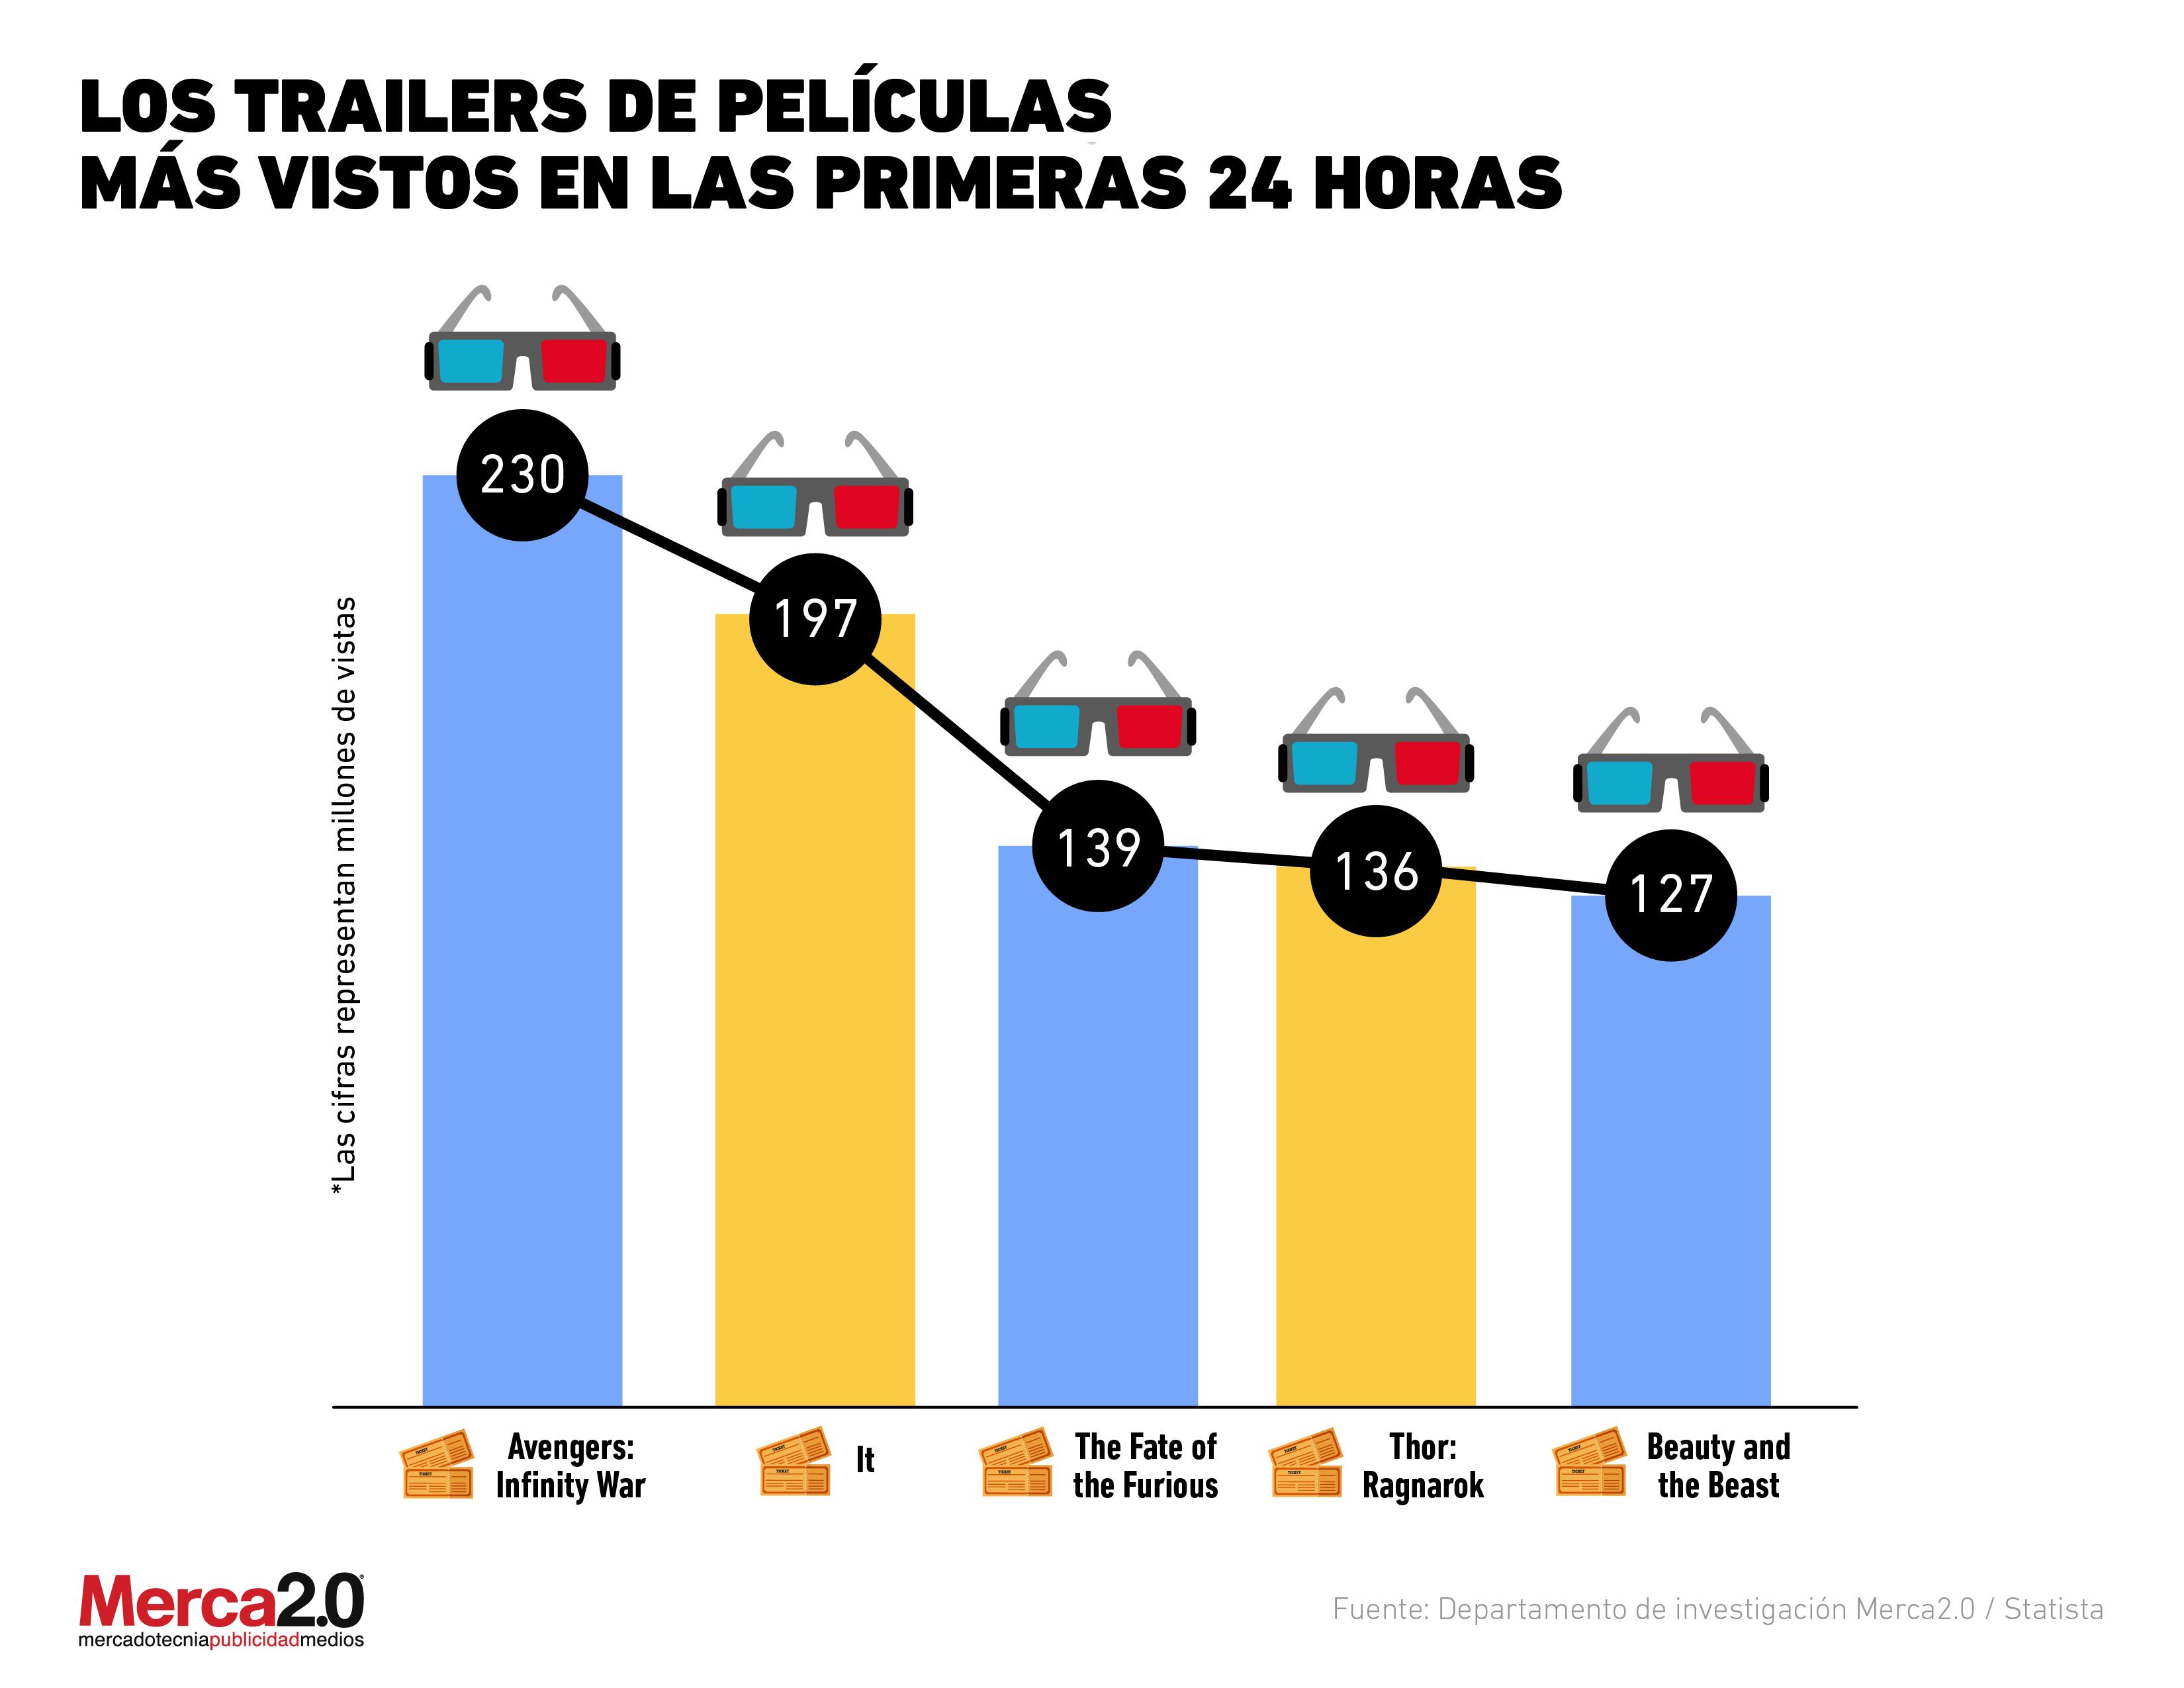 ¿Cuáles son los trailers de películas más vistos en las primeras 24 horas?